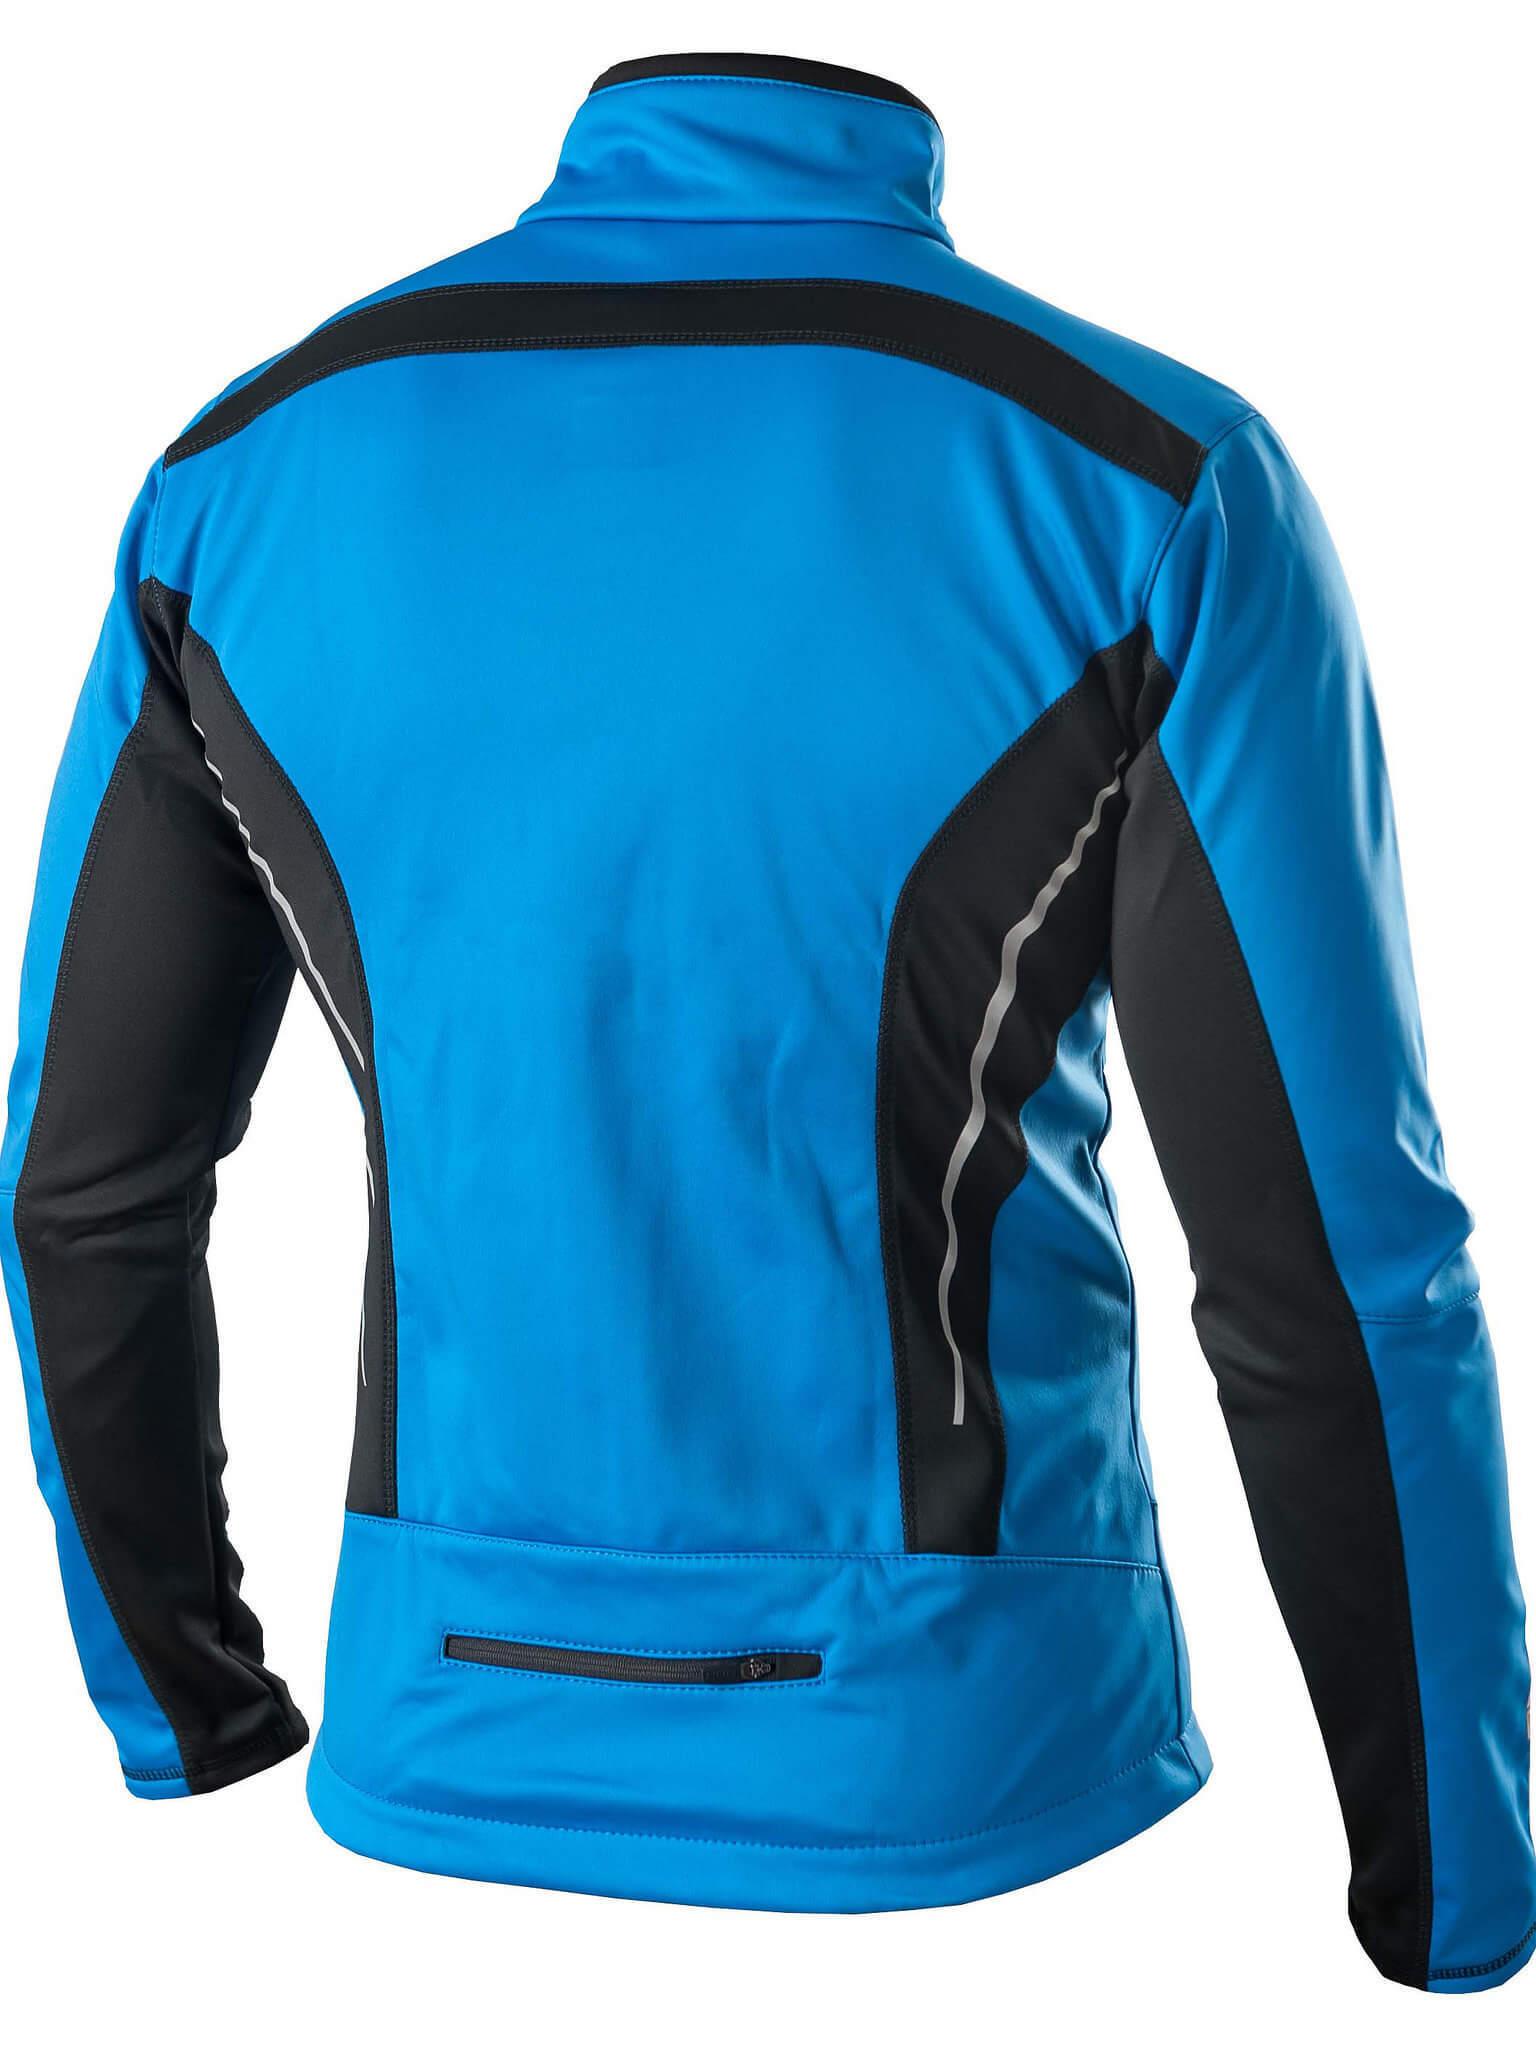 Victory Code Dynamic Warm разминочный лыжный костюм со спинкой blue - 3